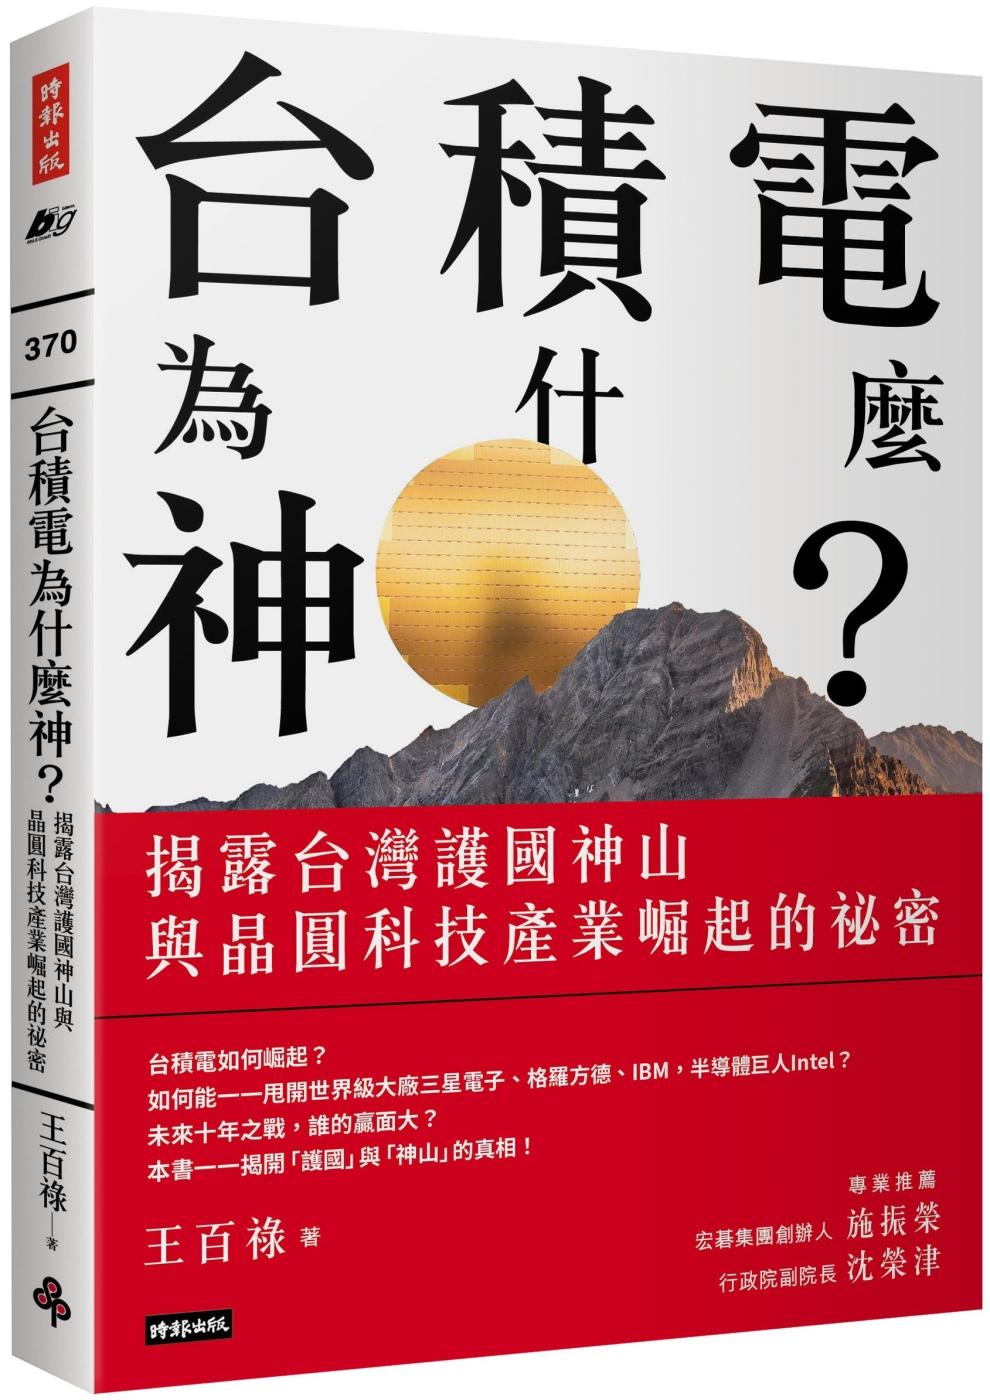 台積電為什麼神?:揭露台灣護國...